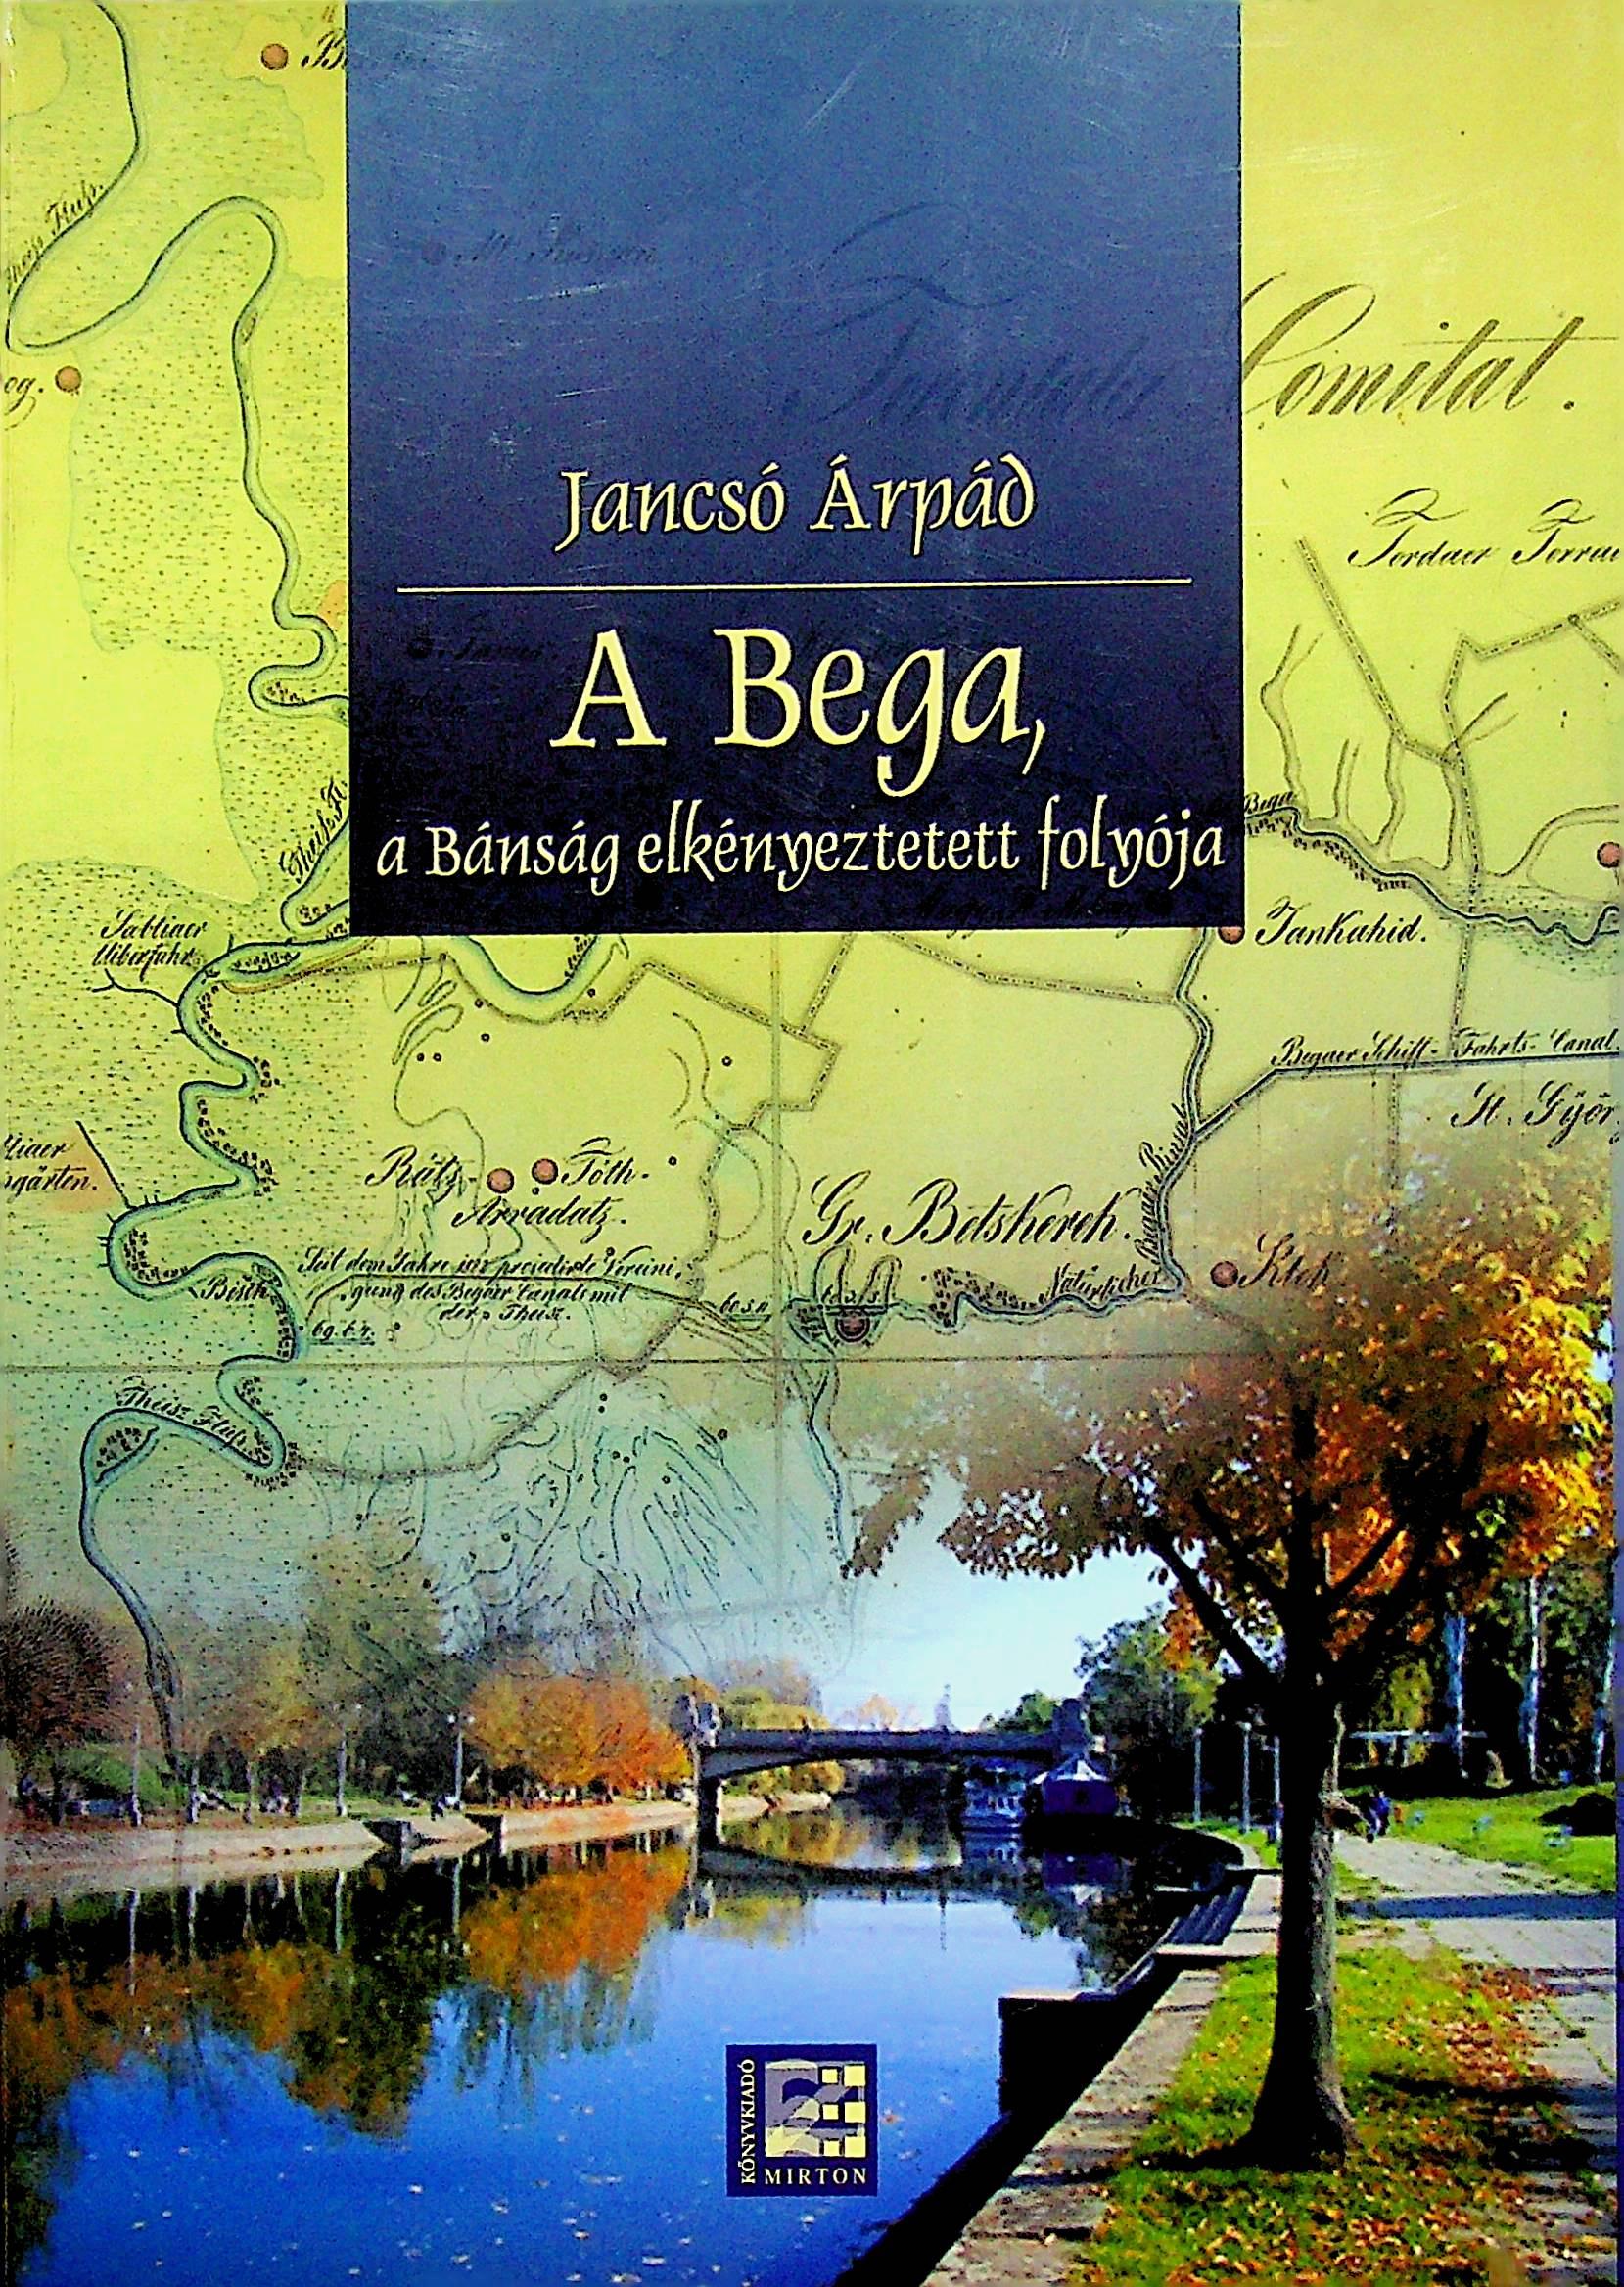 A Bega – a Bánság elkényeztetett folyója - Temesváros